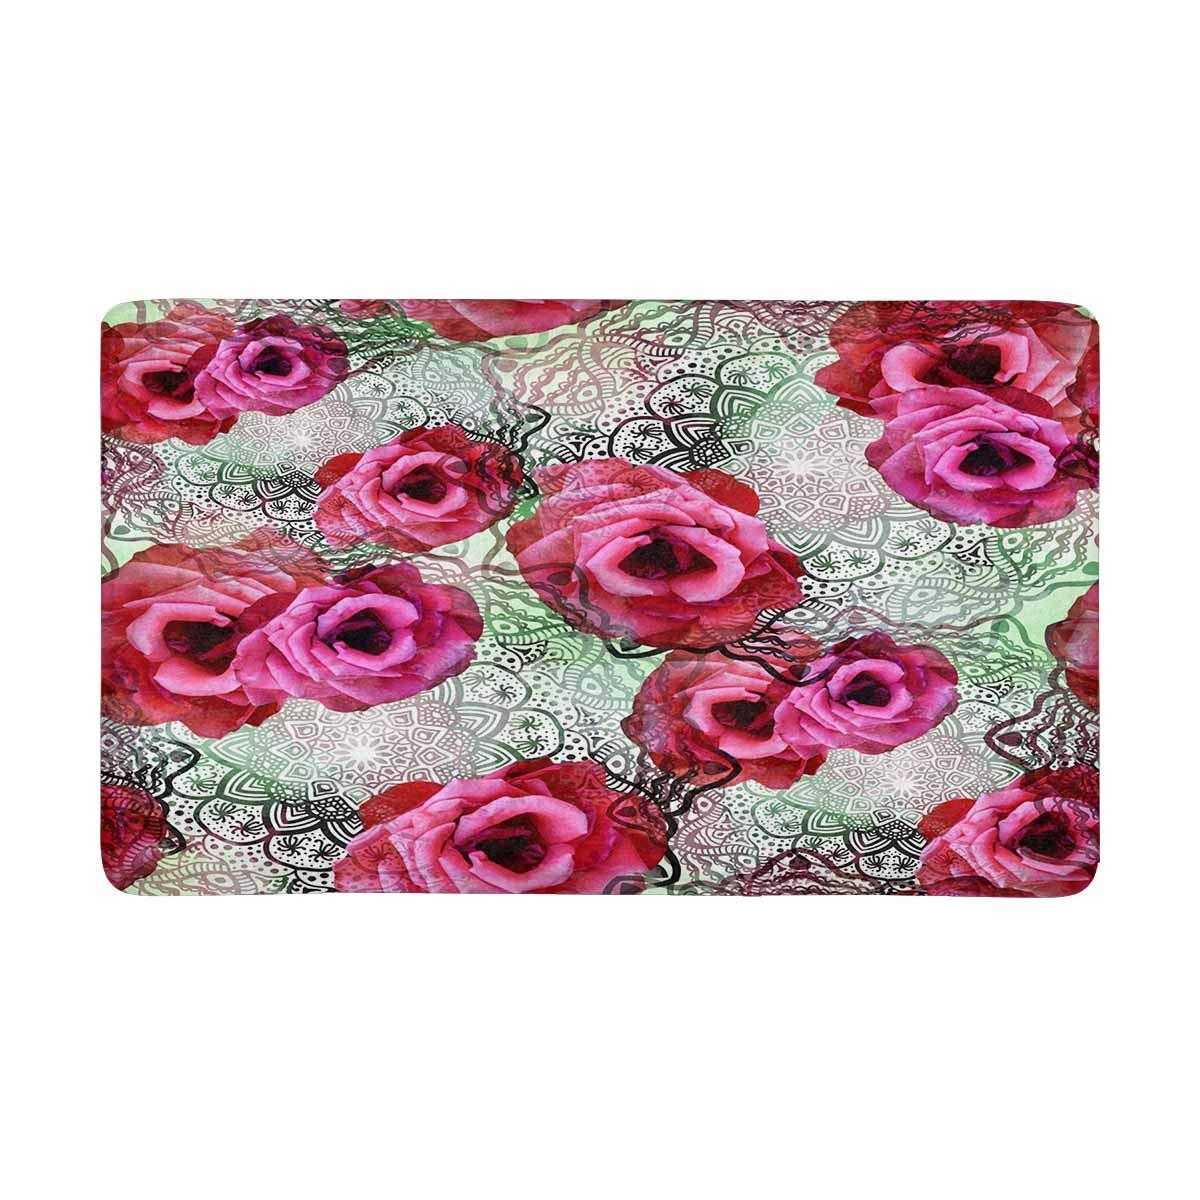 InterestPrint Abstract Rose Flowers Mandala Indoor Doormat Large 30 X 18 Inches Non Slip Front Entrance Door Mat Rug